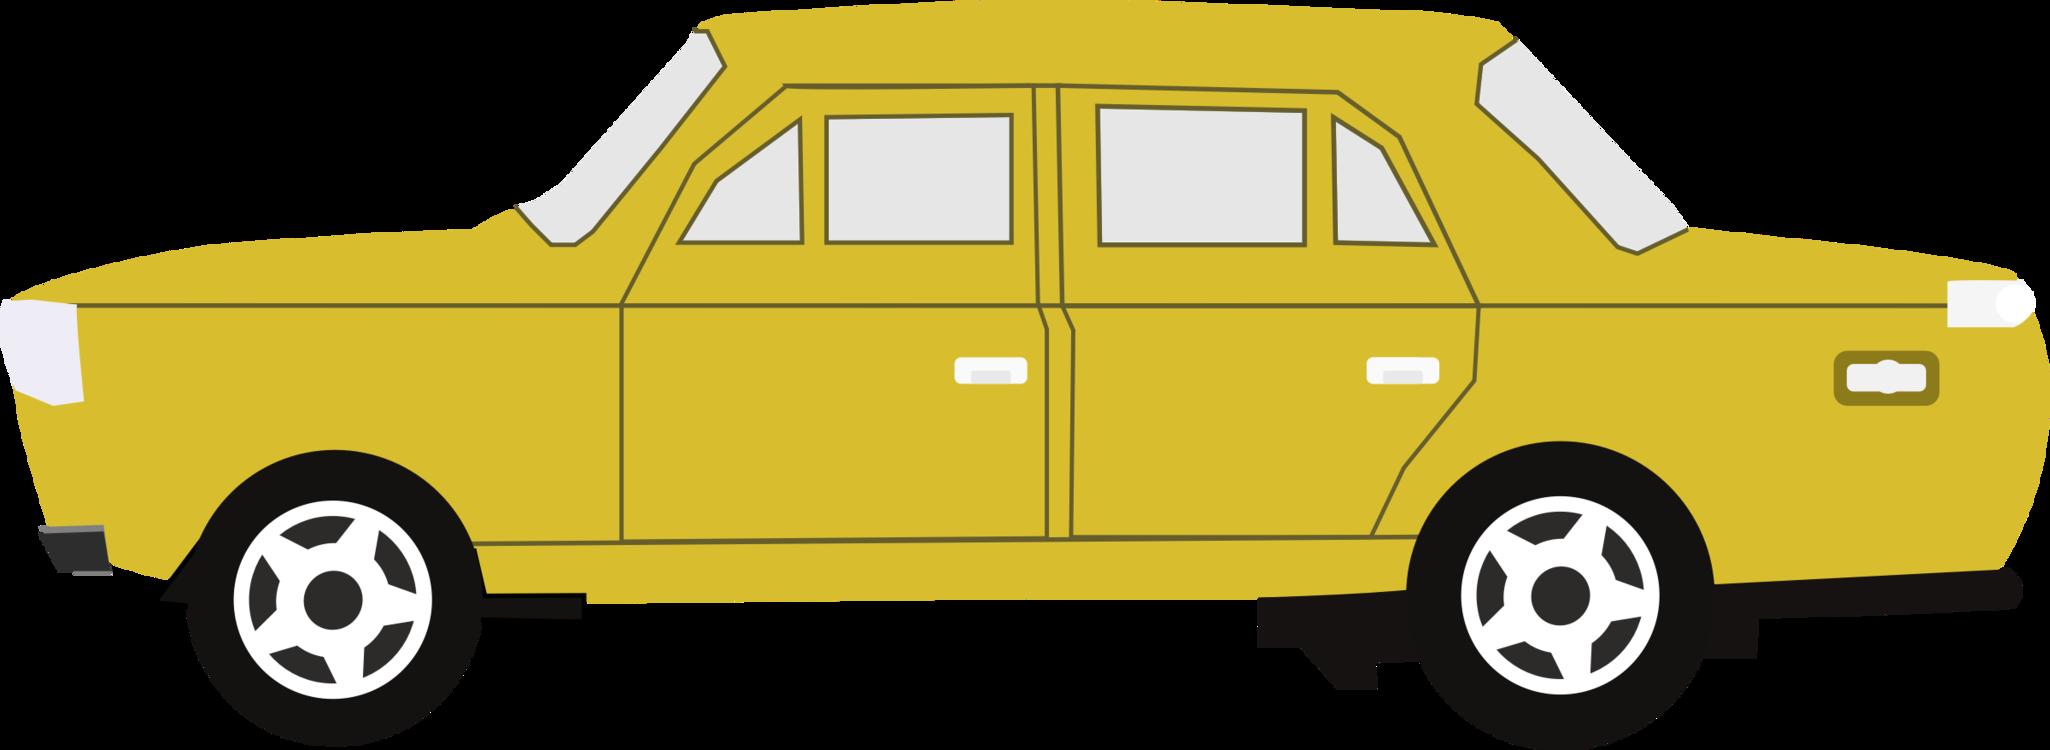 Van,Compact Car,Car